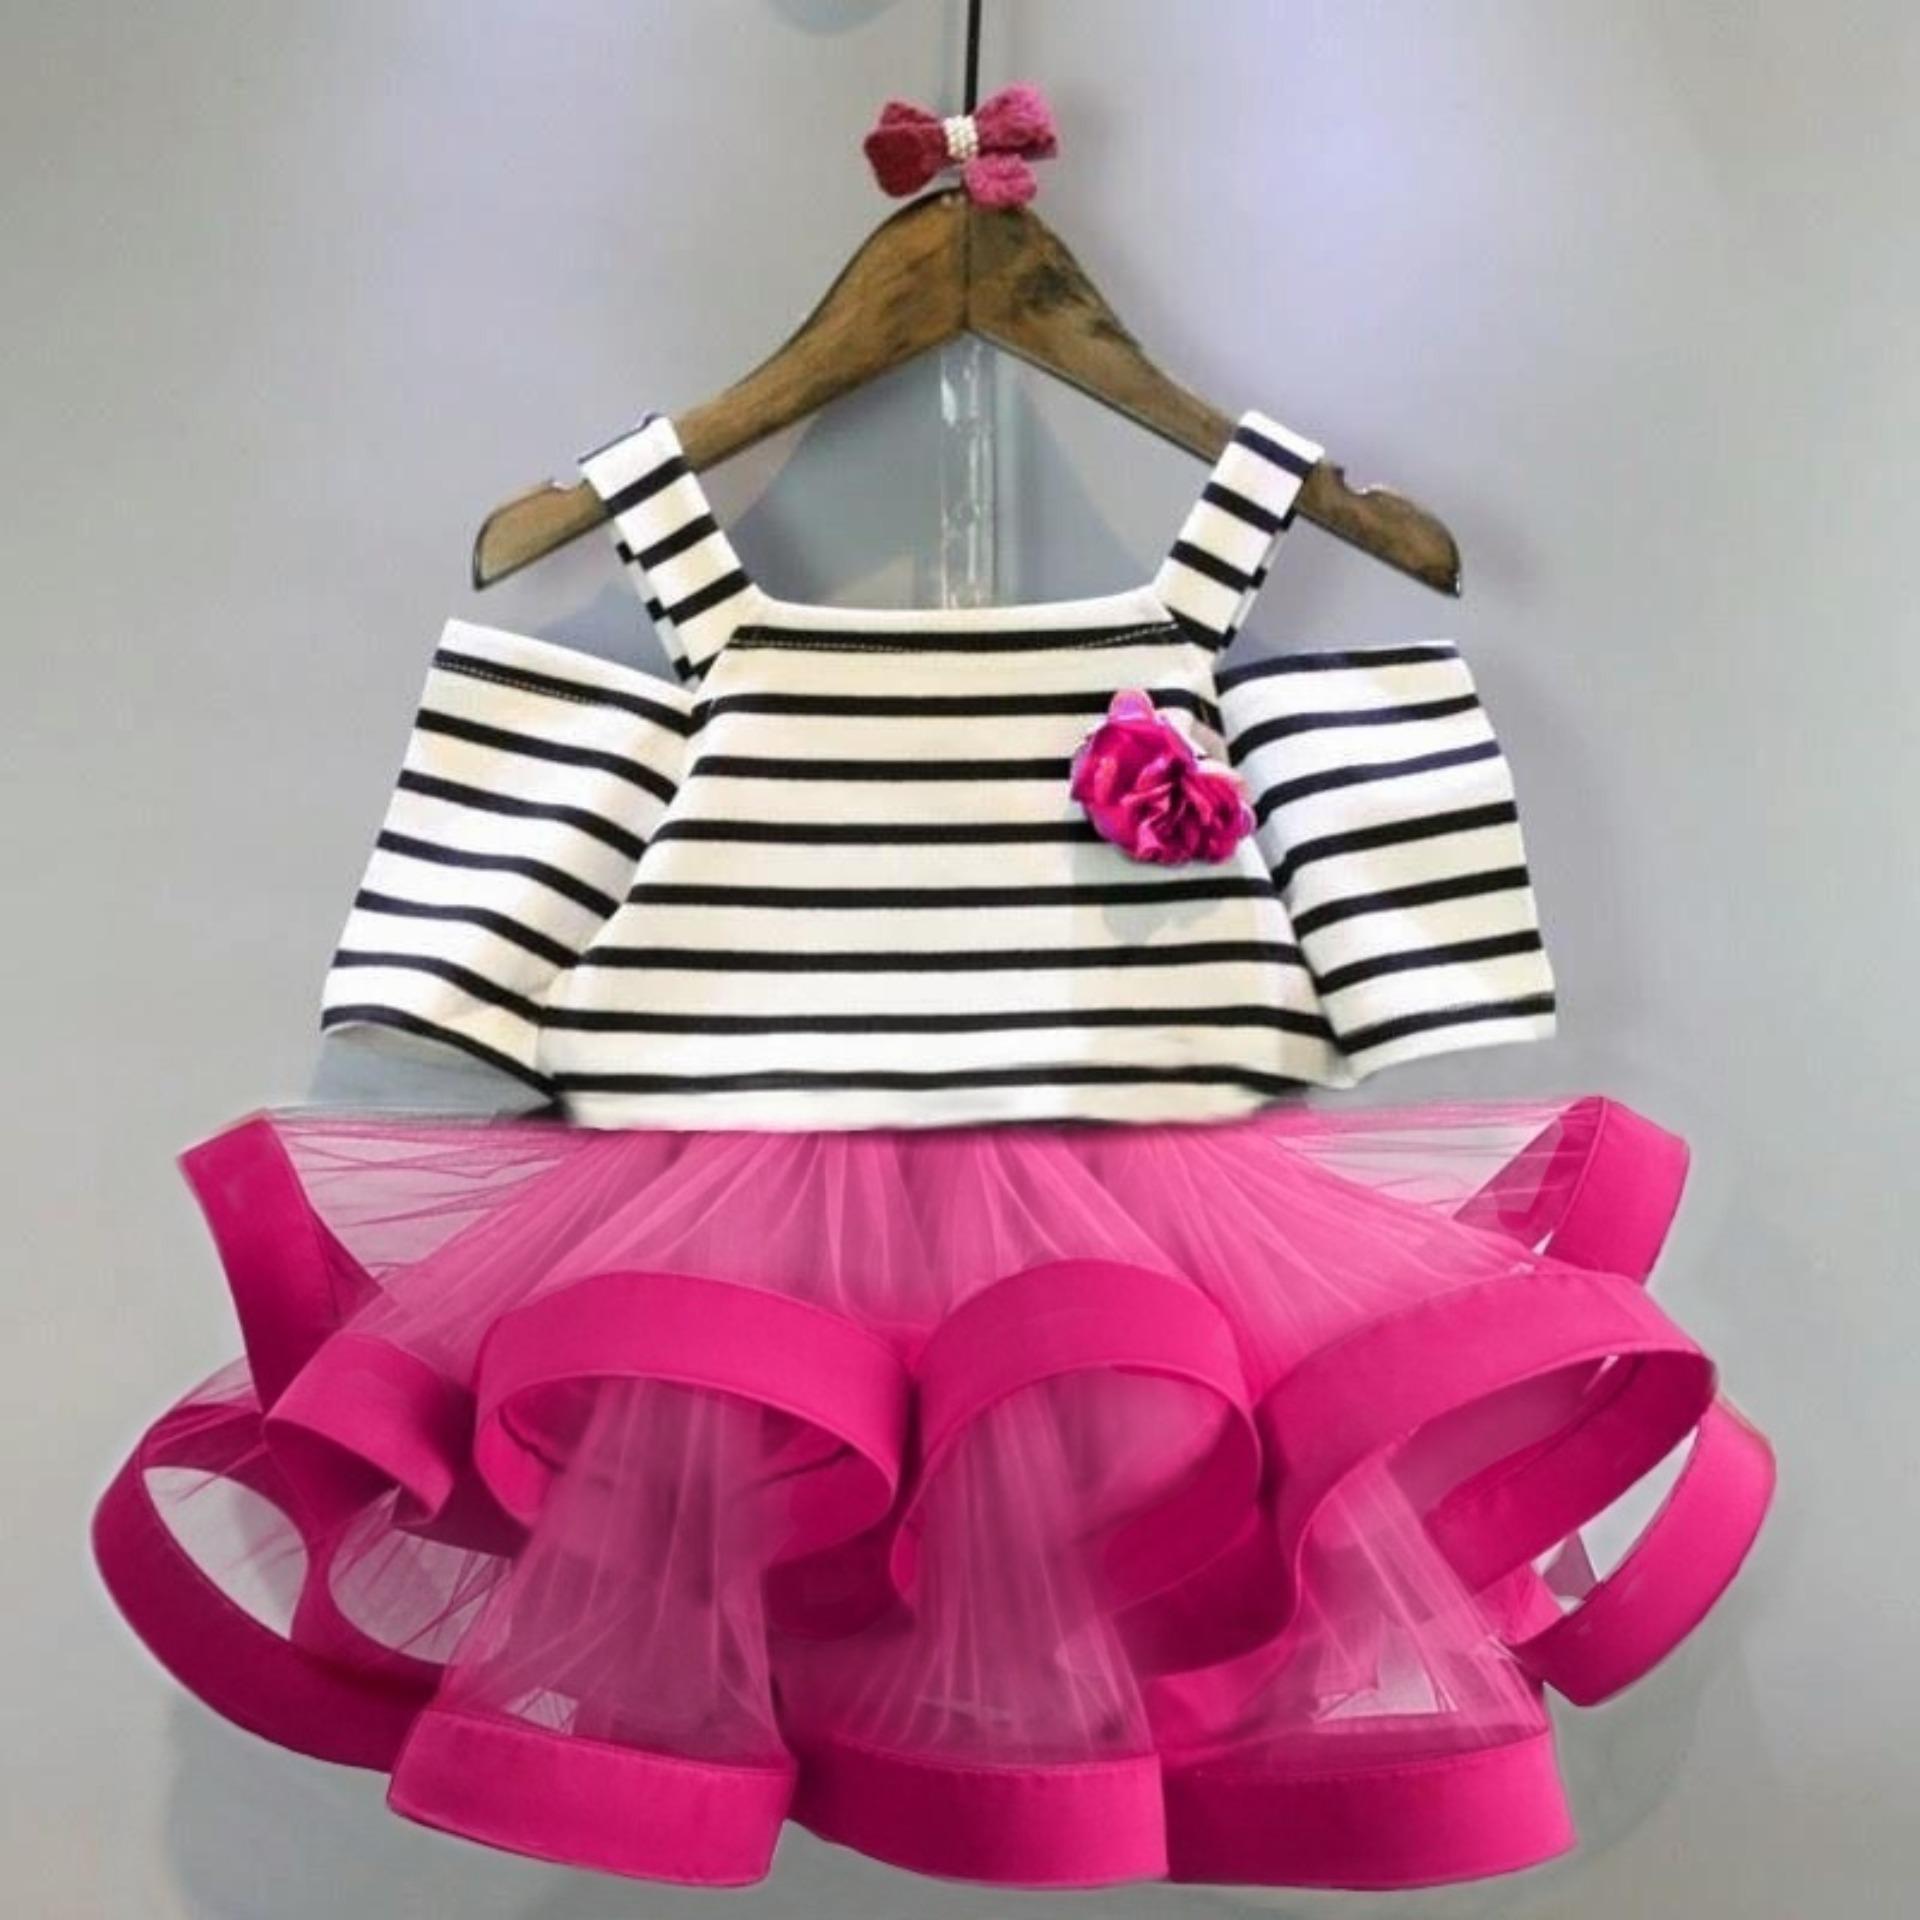 MJ Dress Anak Sabrina Doroty kids - Salur